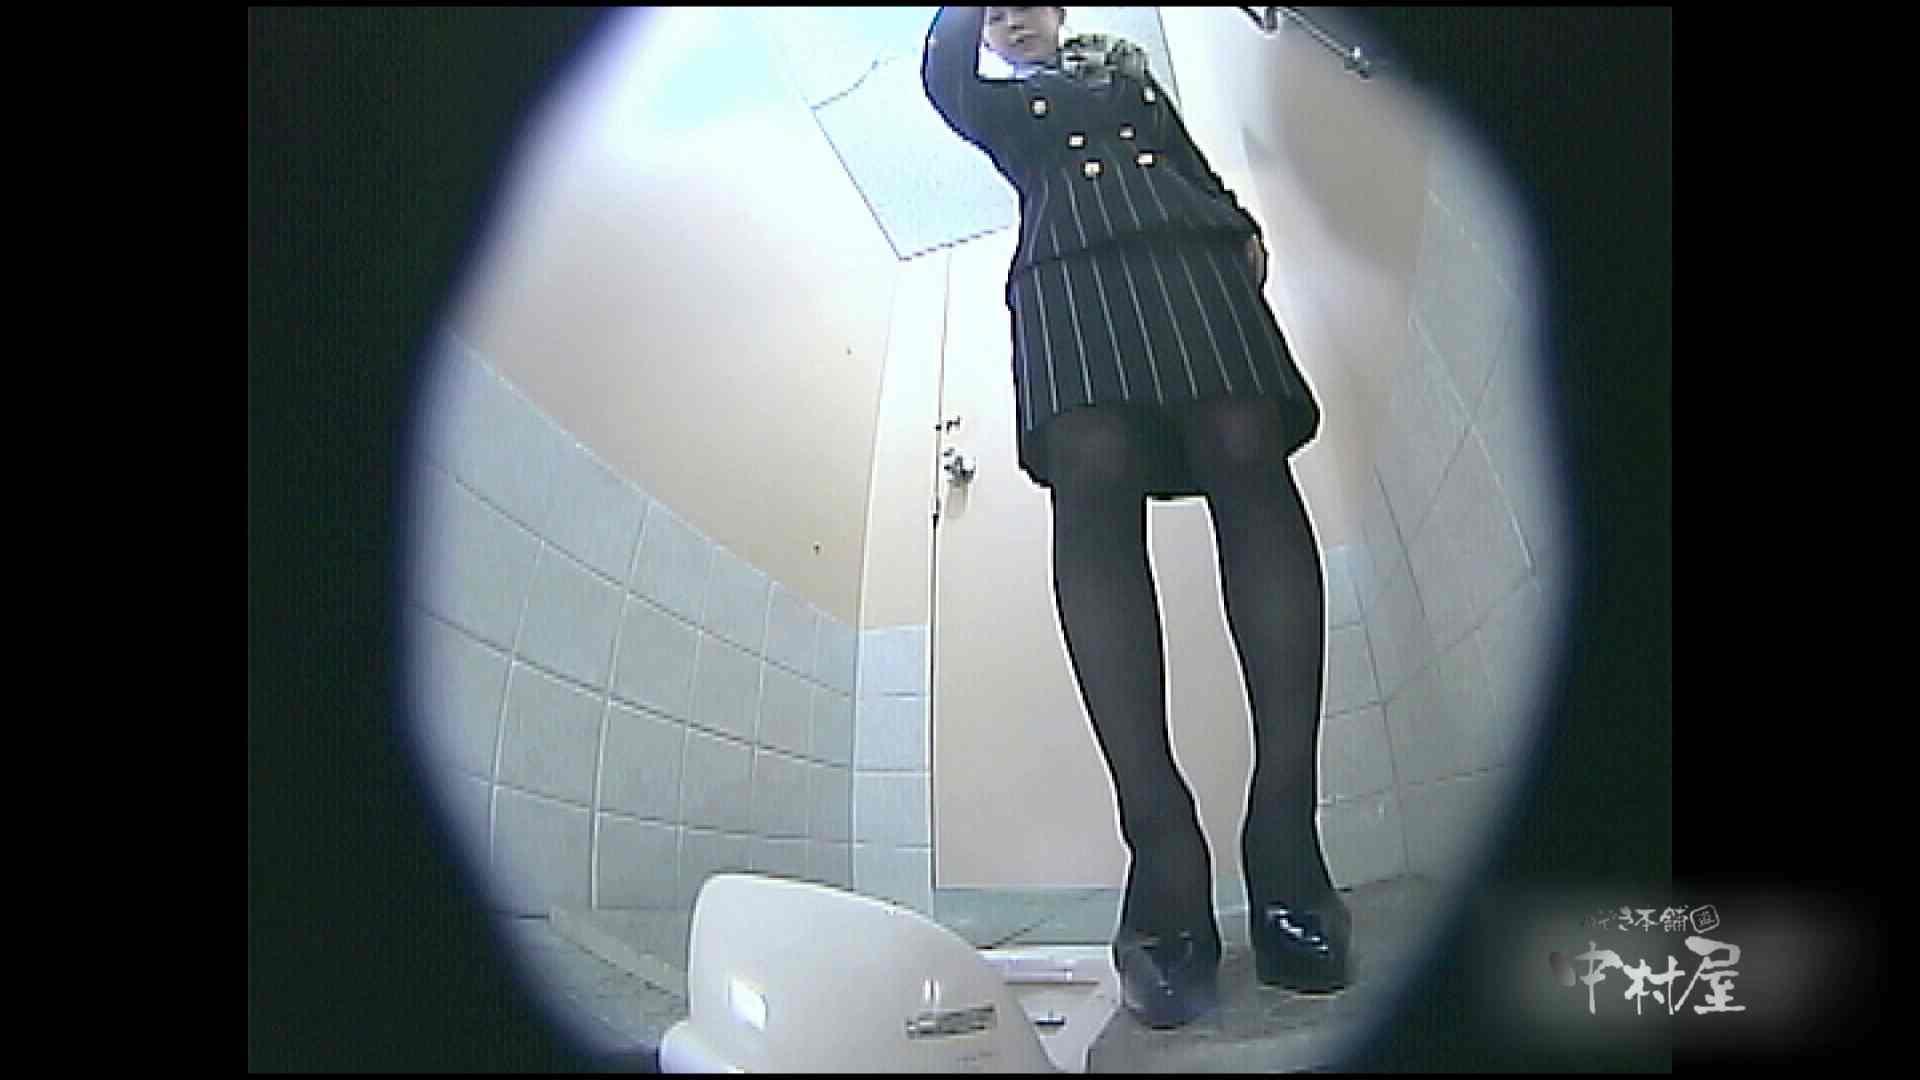 異業種交流会!!キャビンアテンダント編vol.23 トイレ突入 のぞき動画画像 101pic 73